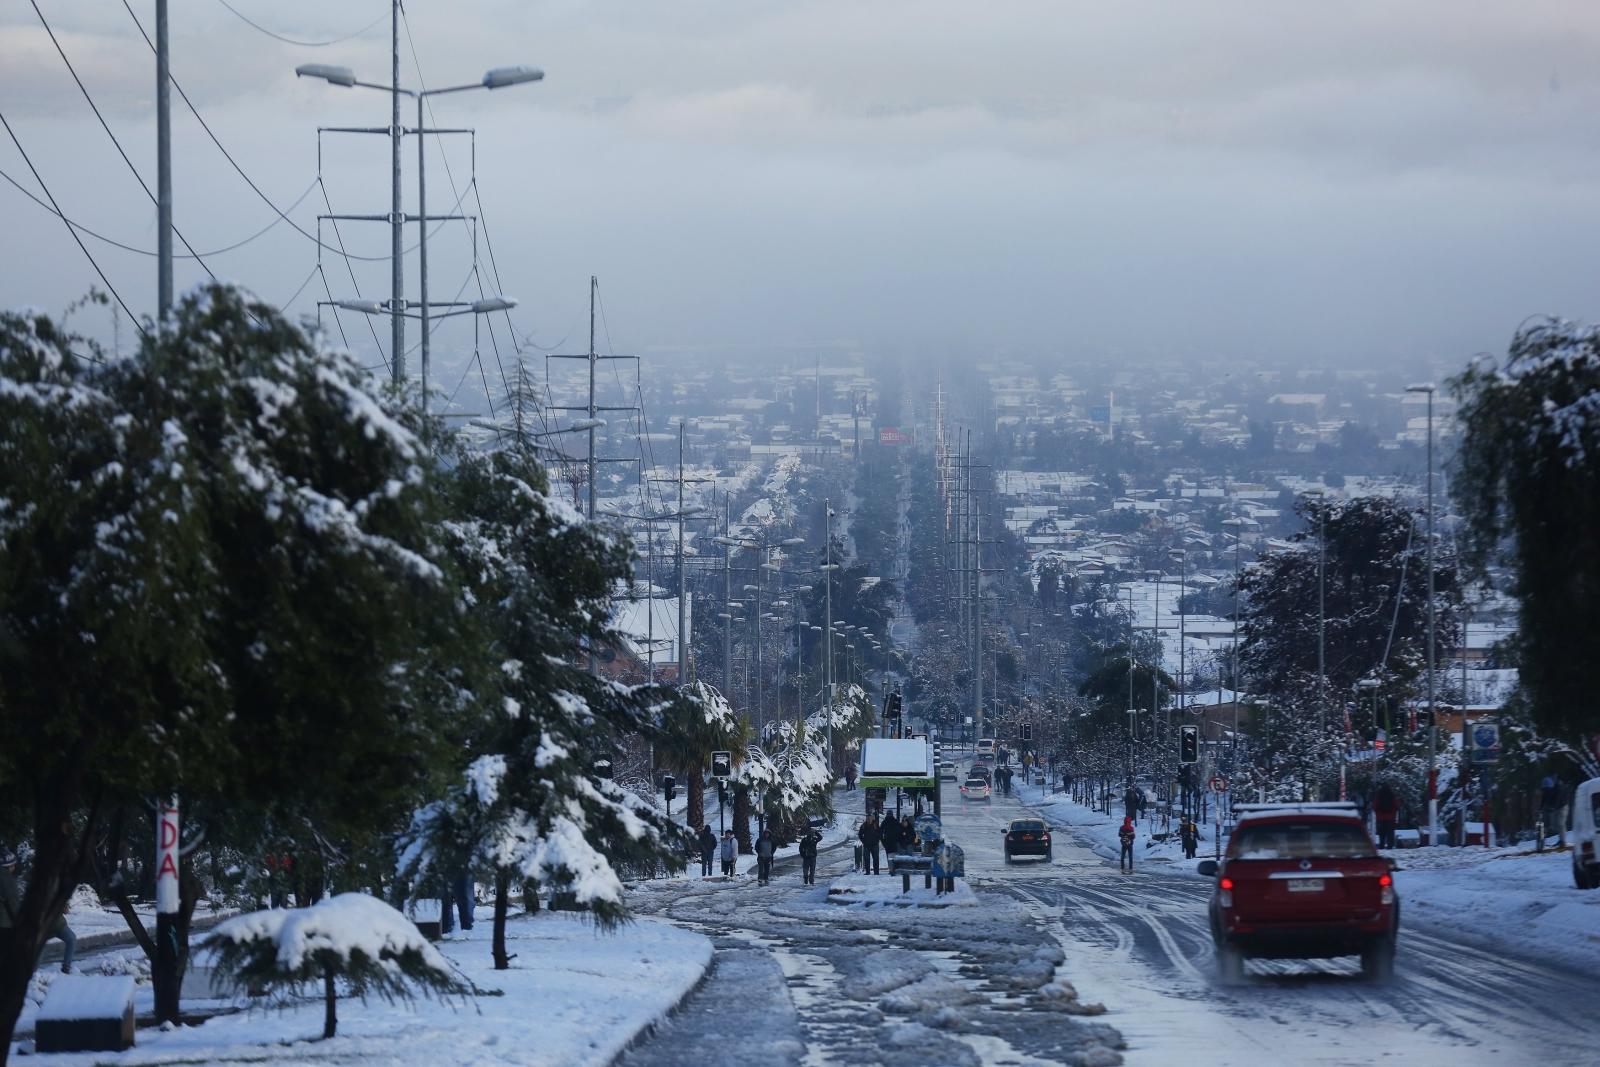 W Chile spadł śnieg. Fot. PAP/EPA/ELVIS GONZALEZ Dostawca: PAP/EPA.